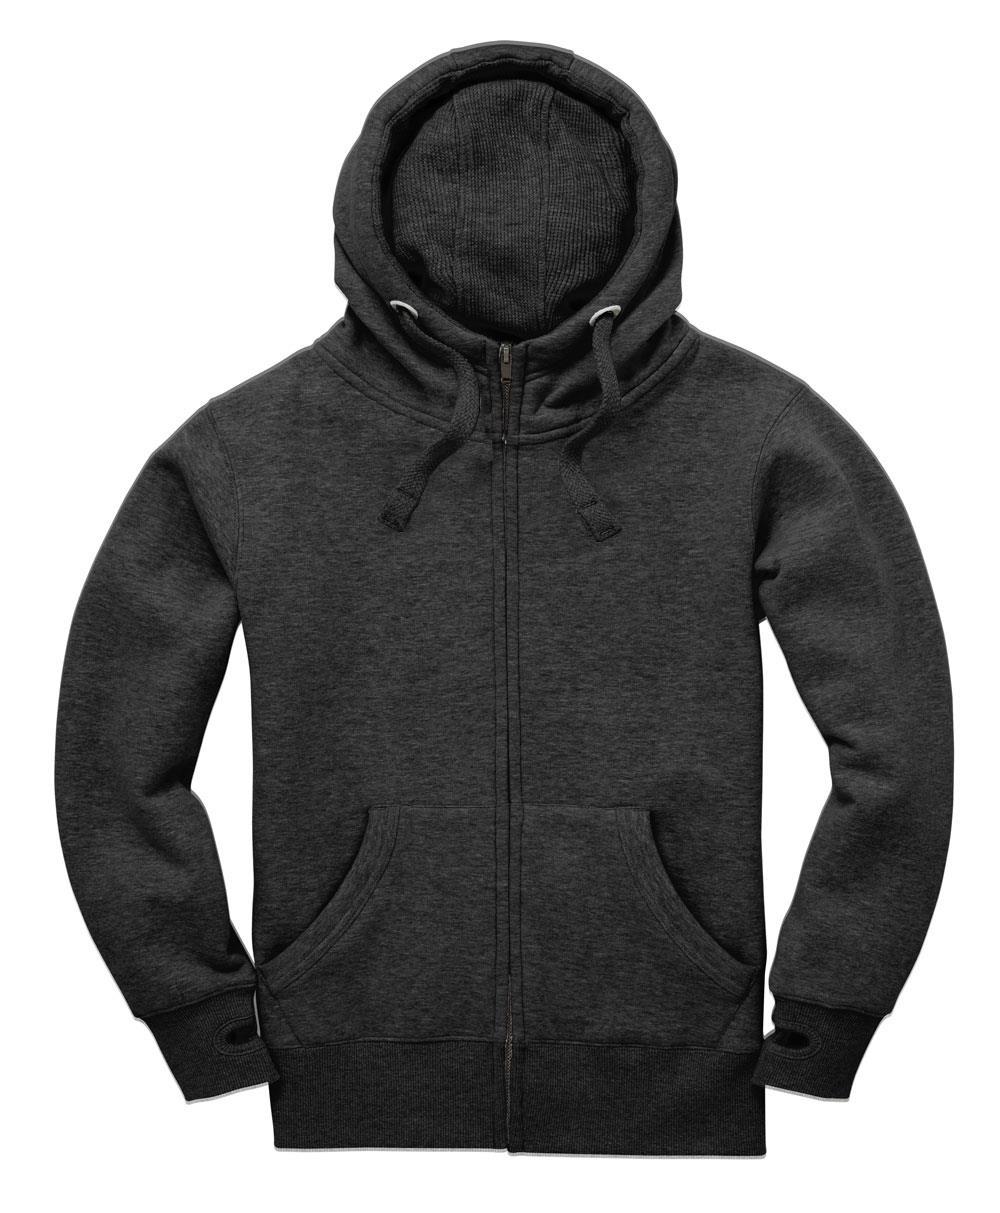 Peach Finish Zip hoodie